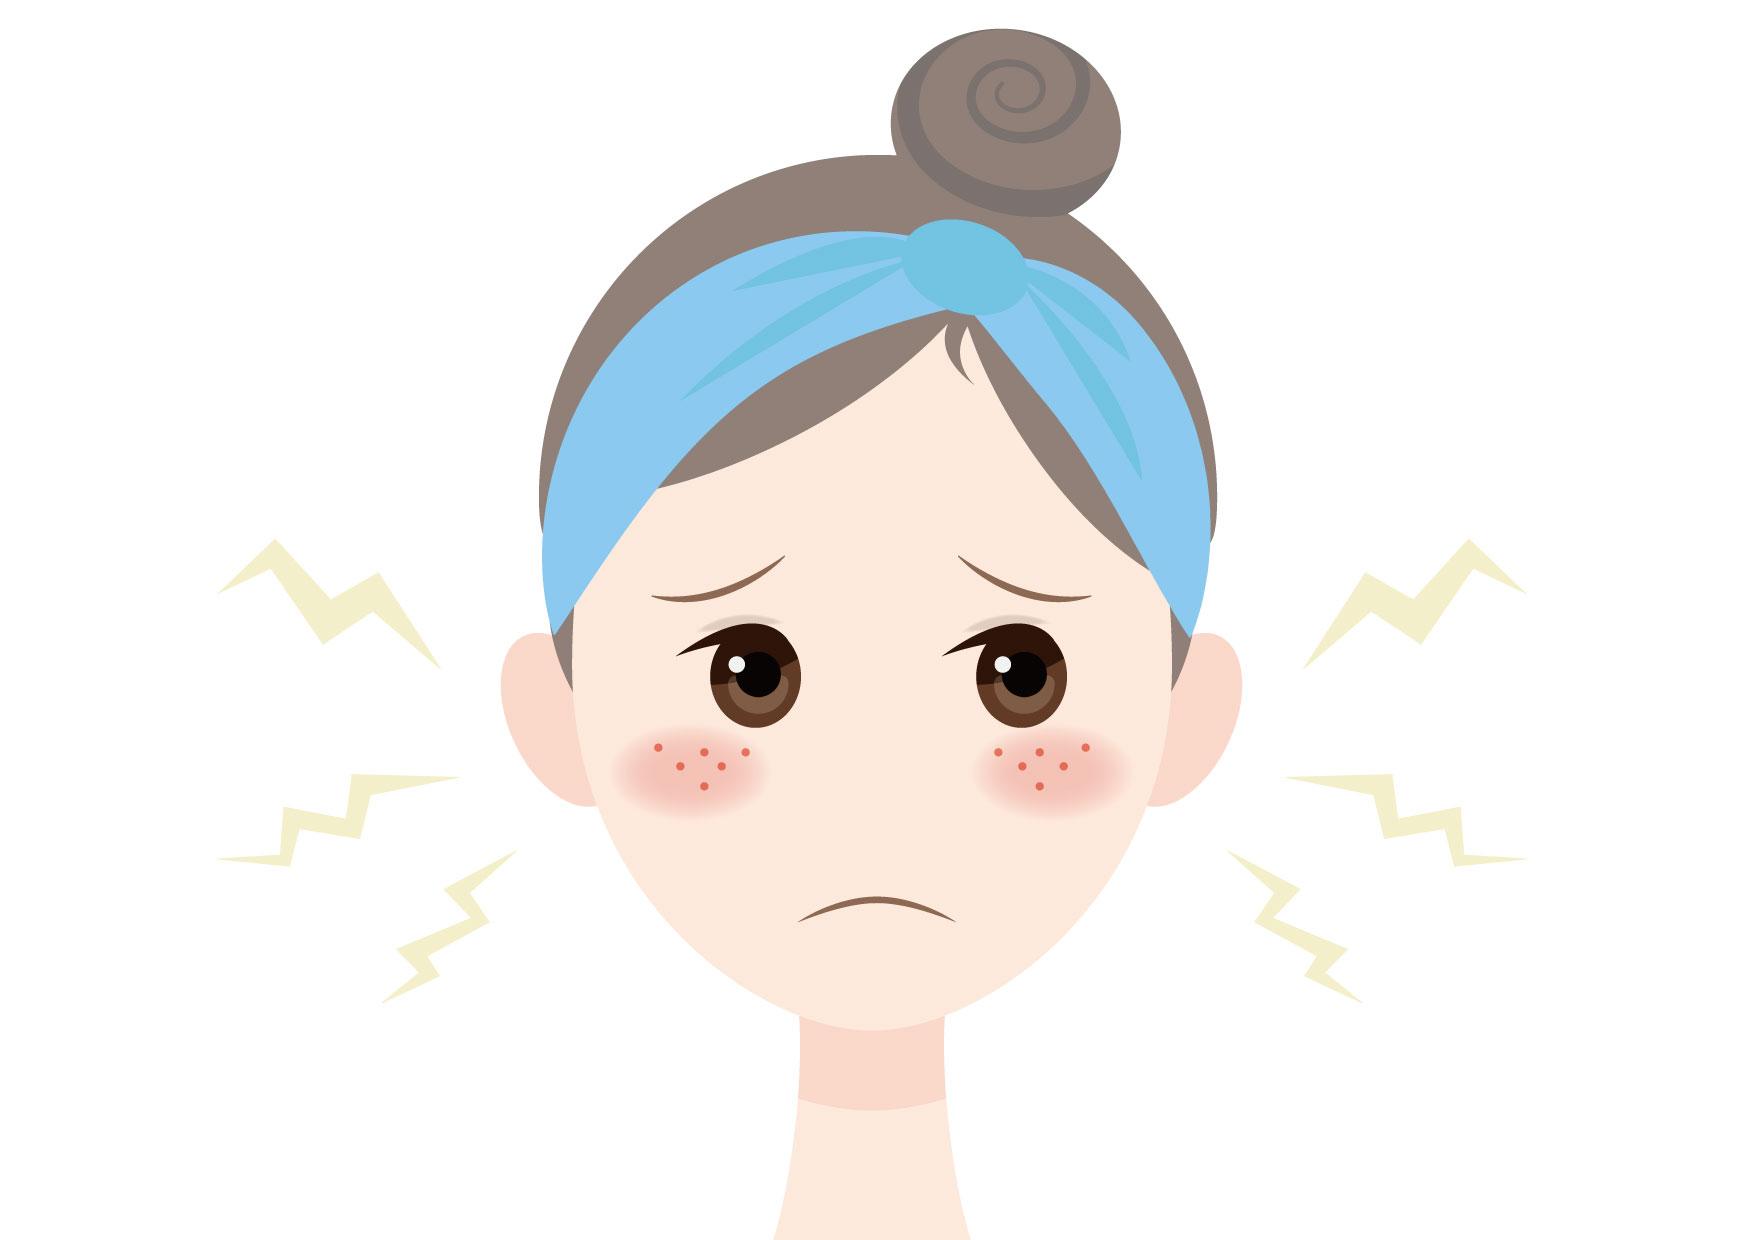 可愛いイラスト無料|女性 顔 肌荒れ ニキビ − free illustration Female face rough skin acne